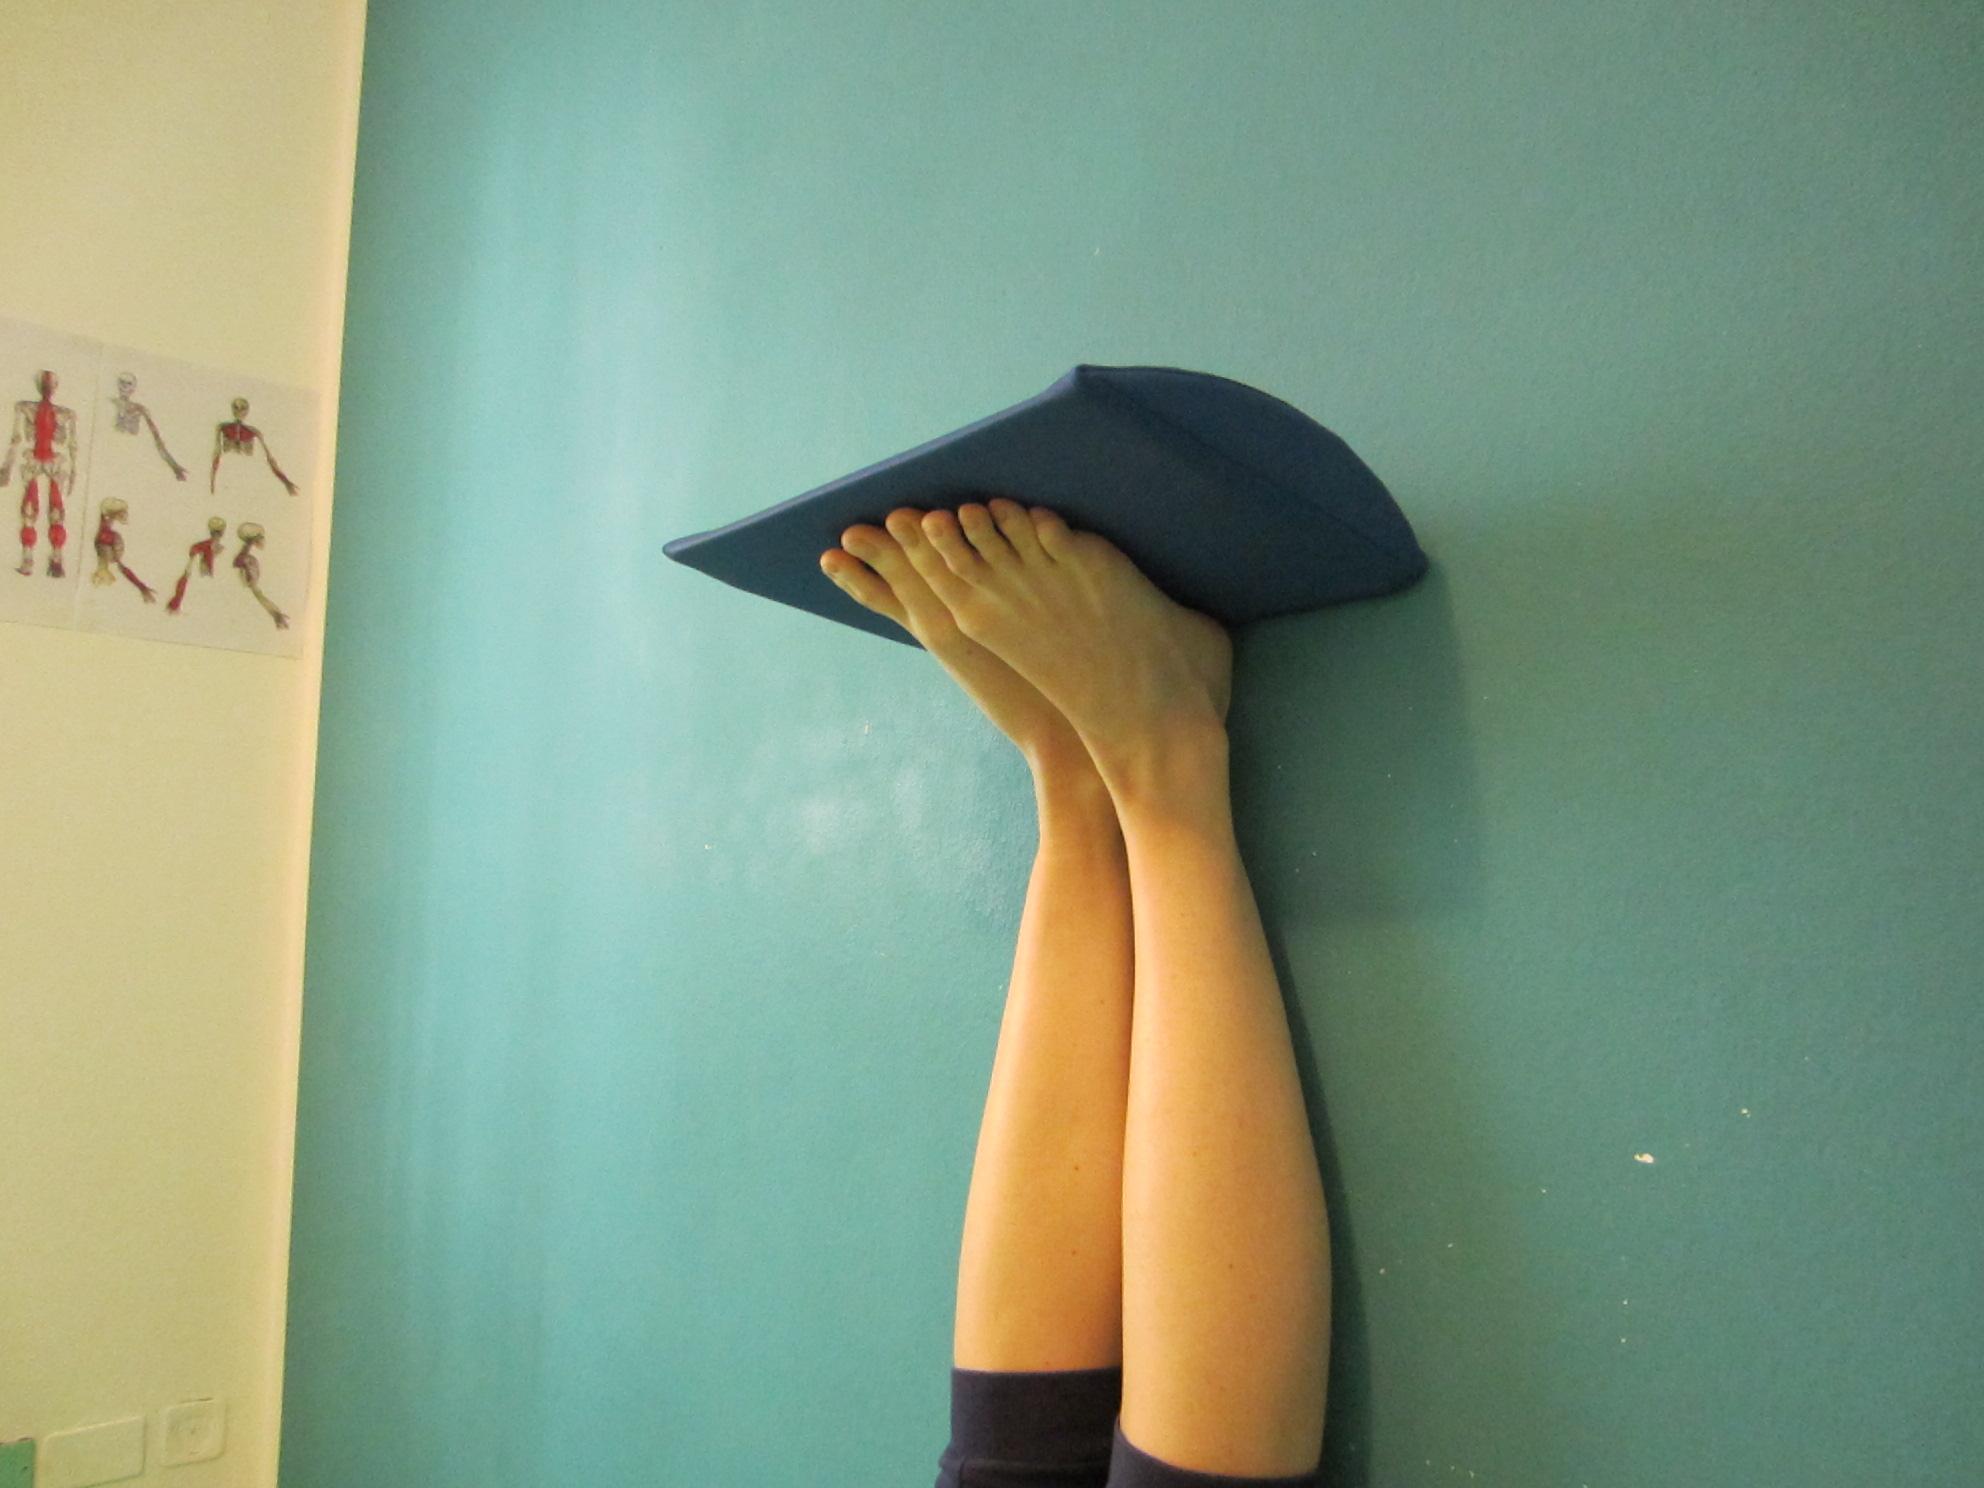 Esercizio posturale Mezieres per migliorare l'appoggio del piede